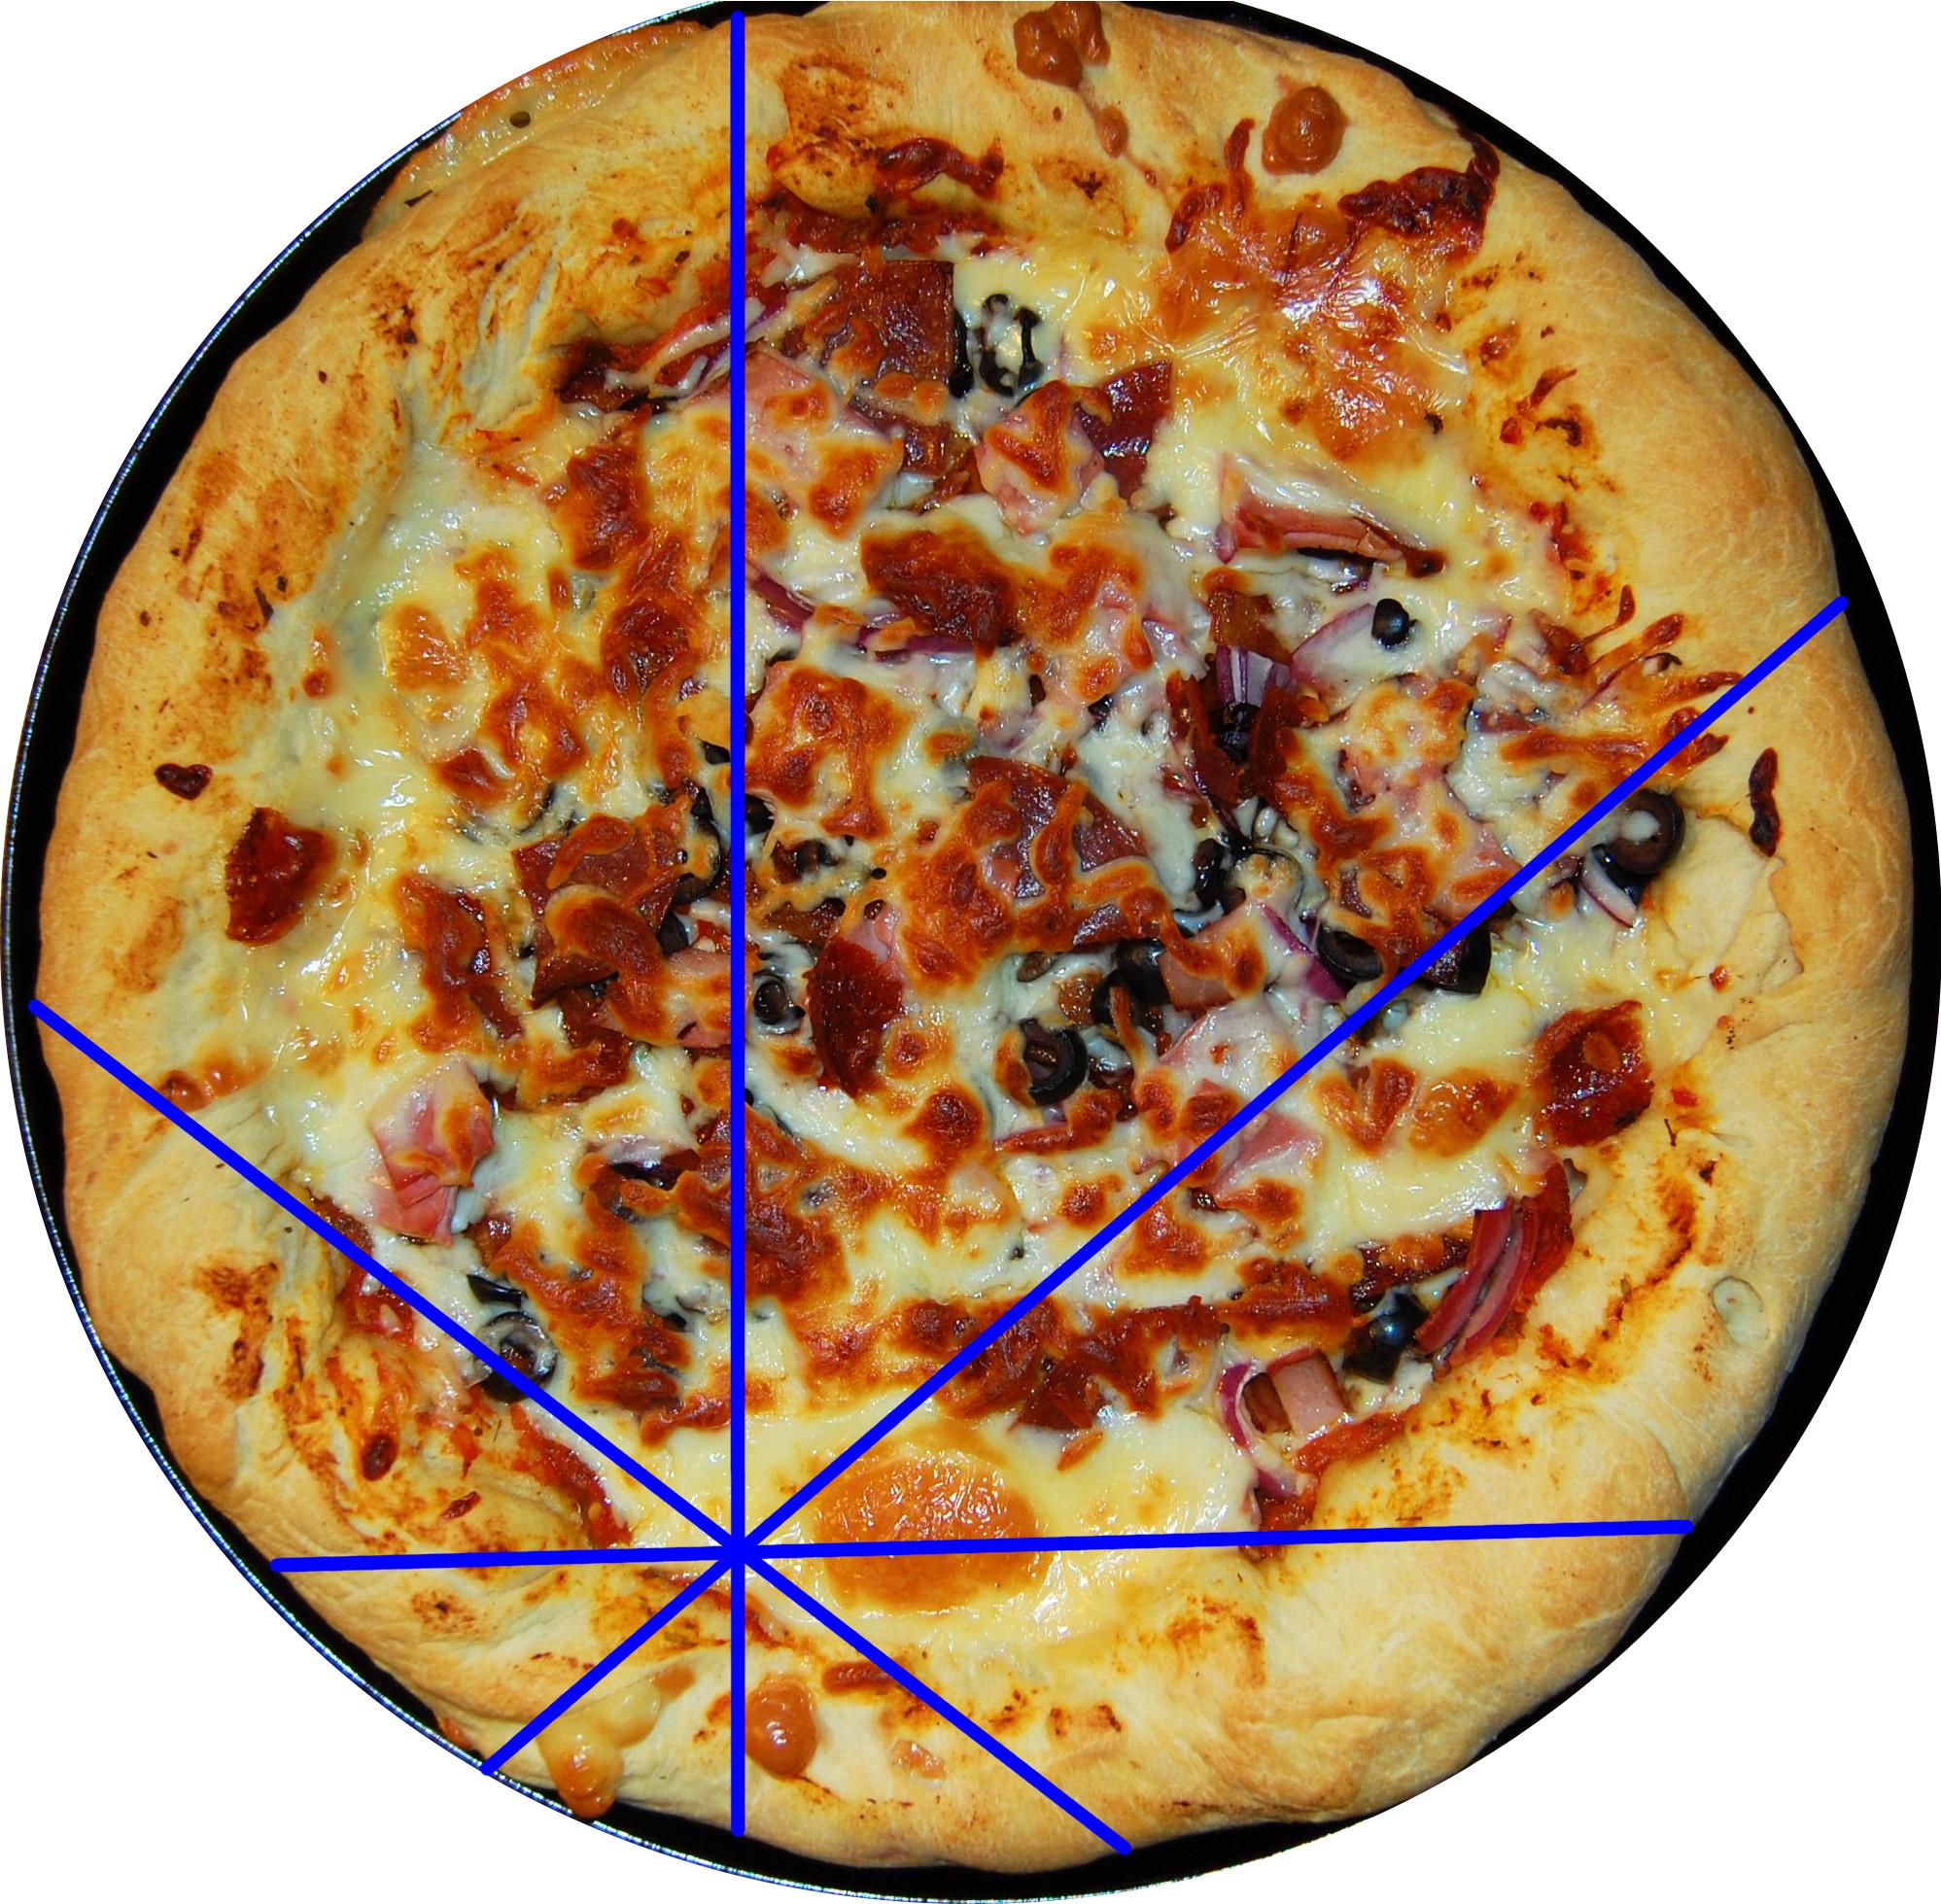 Island Park Ny Pizza